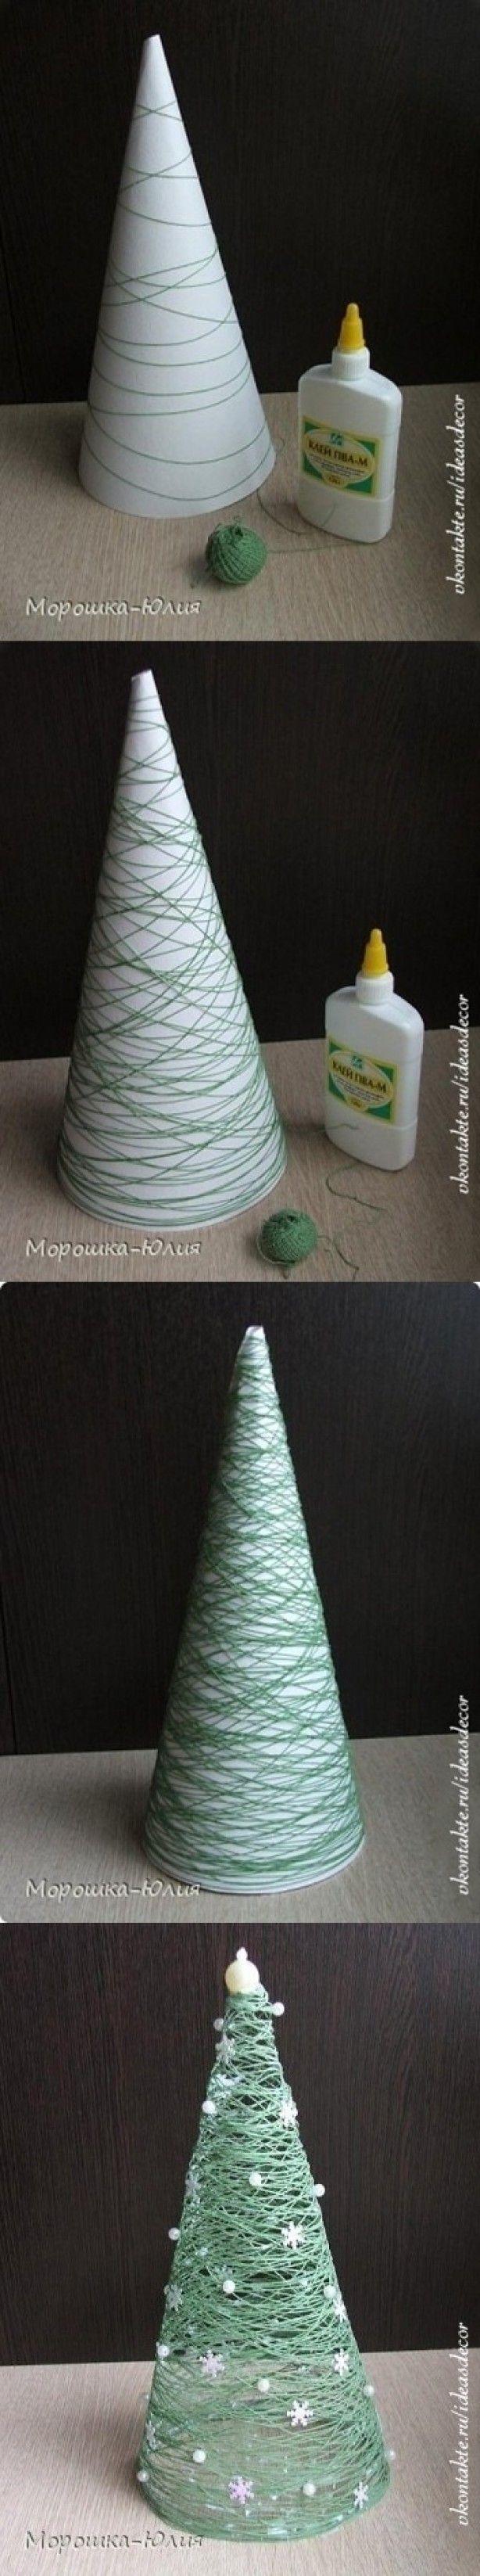 Kerstboom look-a-like. Super makkelijk om te maken